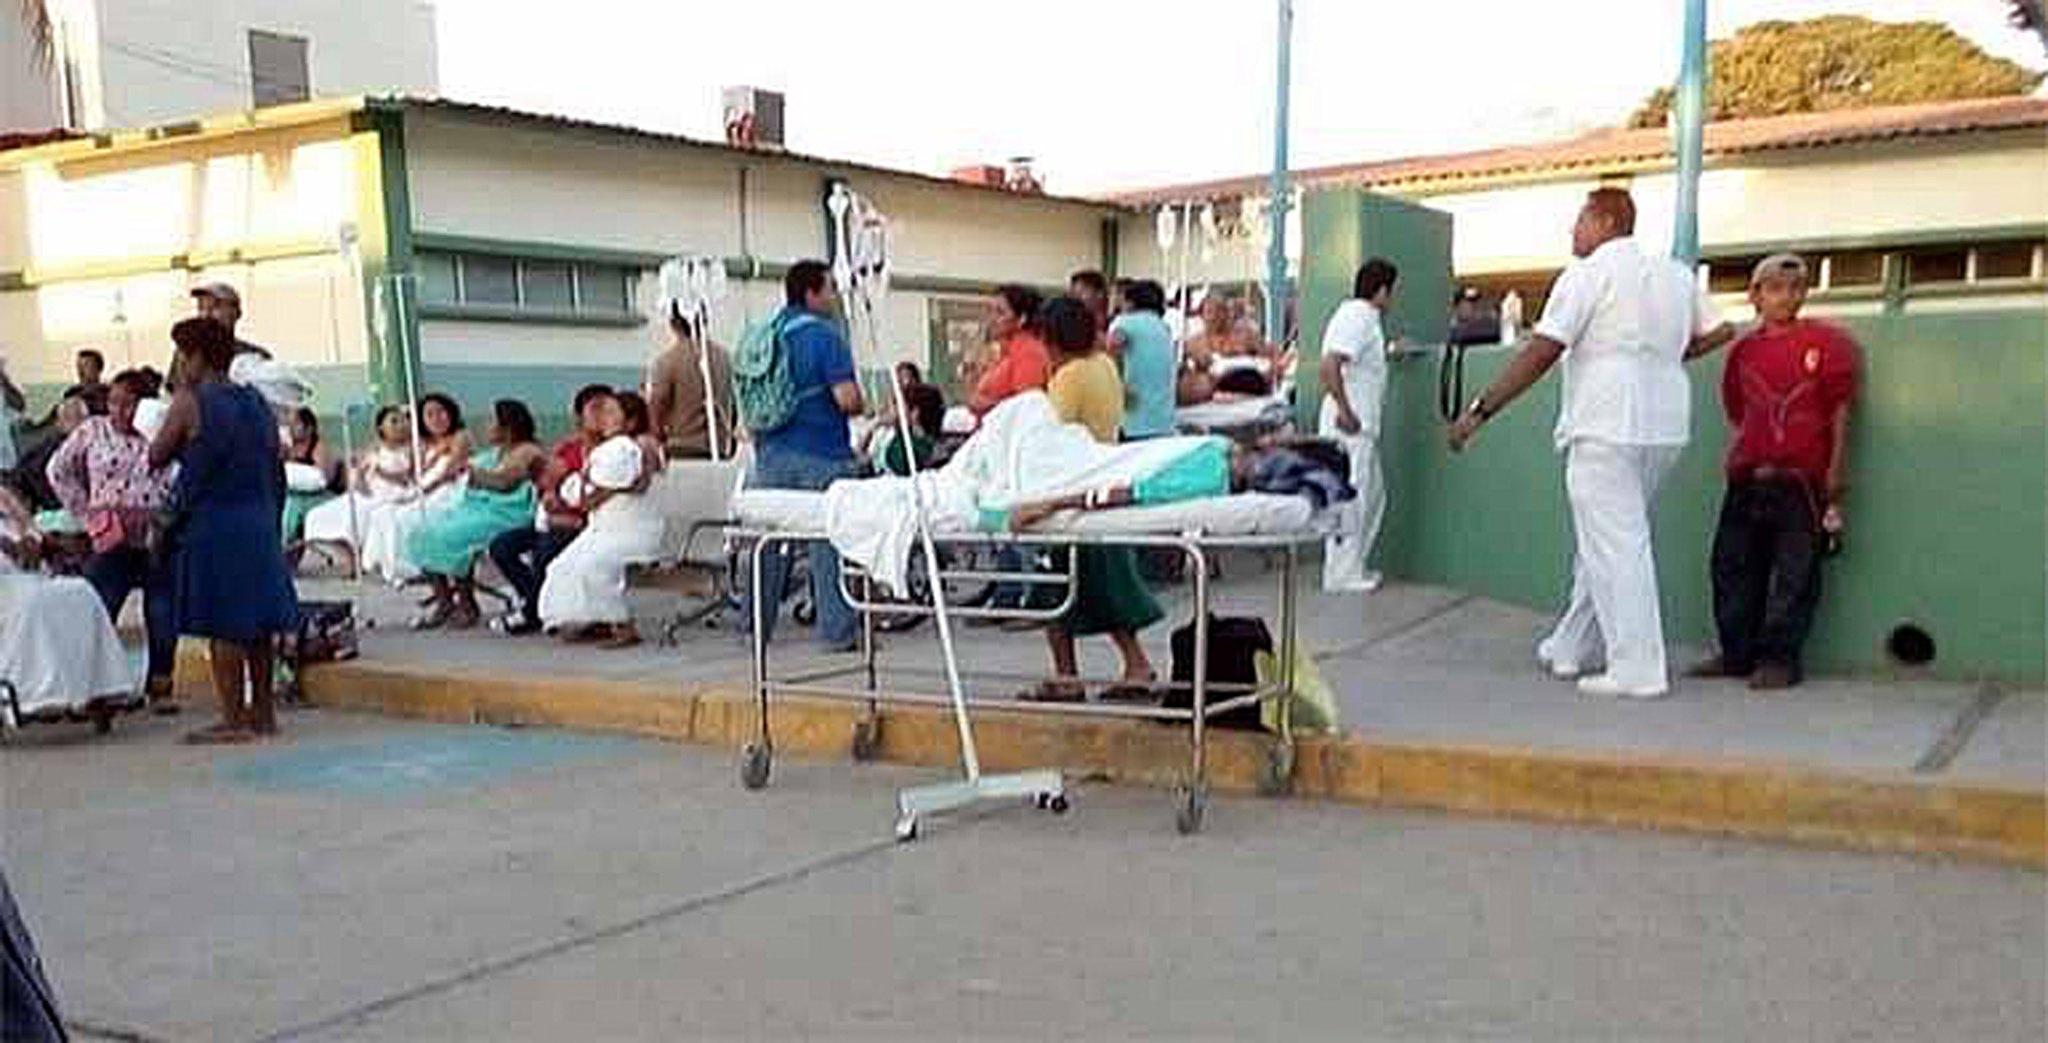 Meksički ministar poginuo u padu helikoptera u regiji pogođenoj potresom